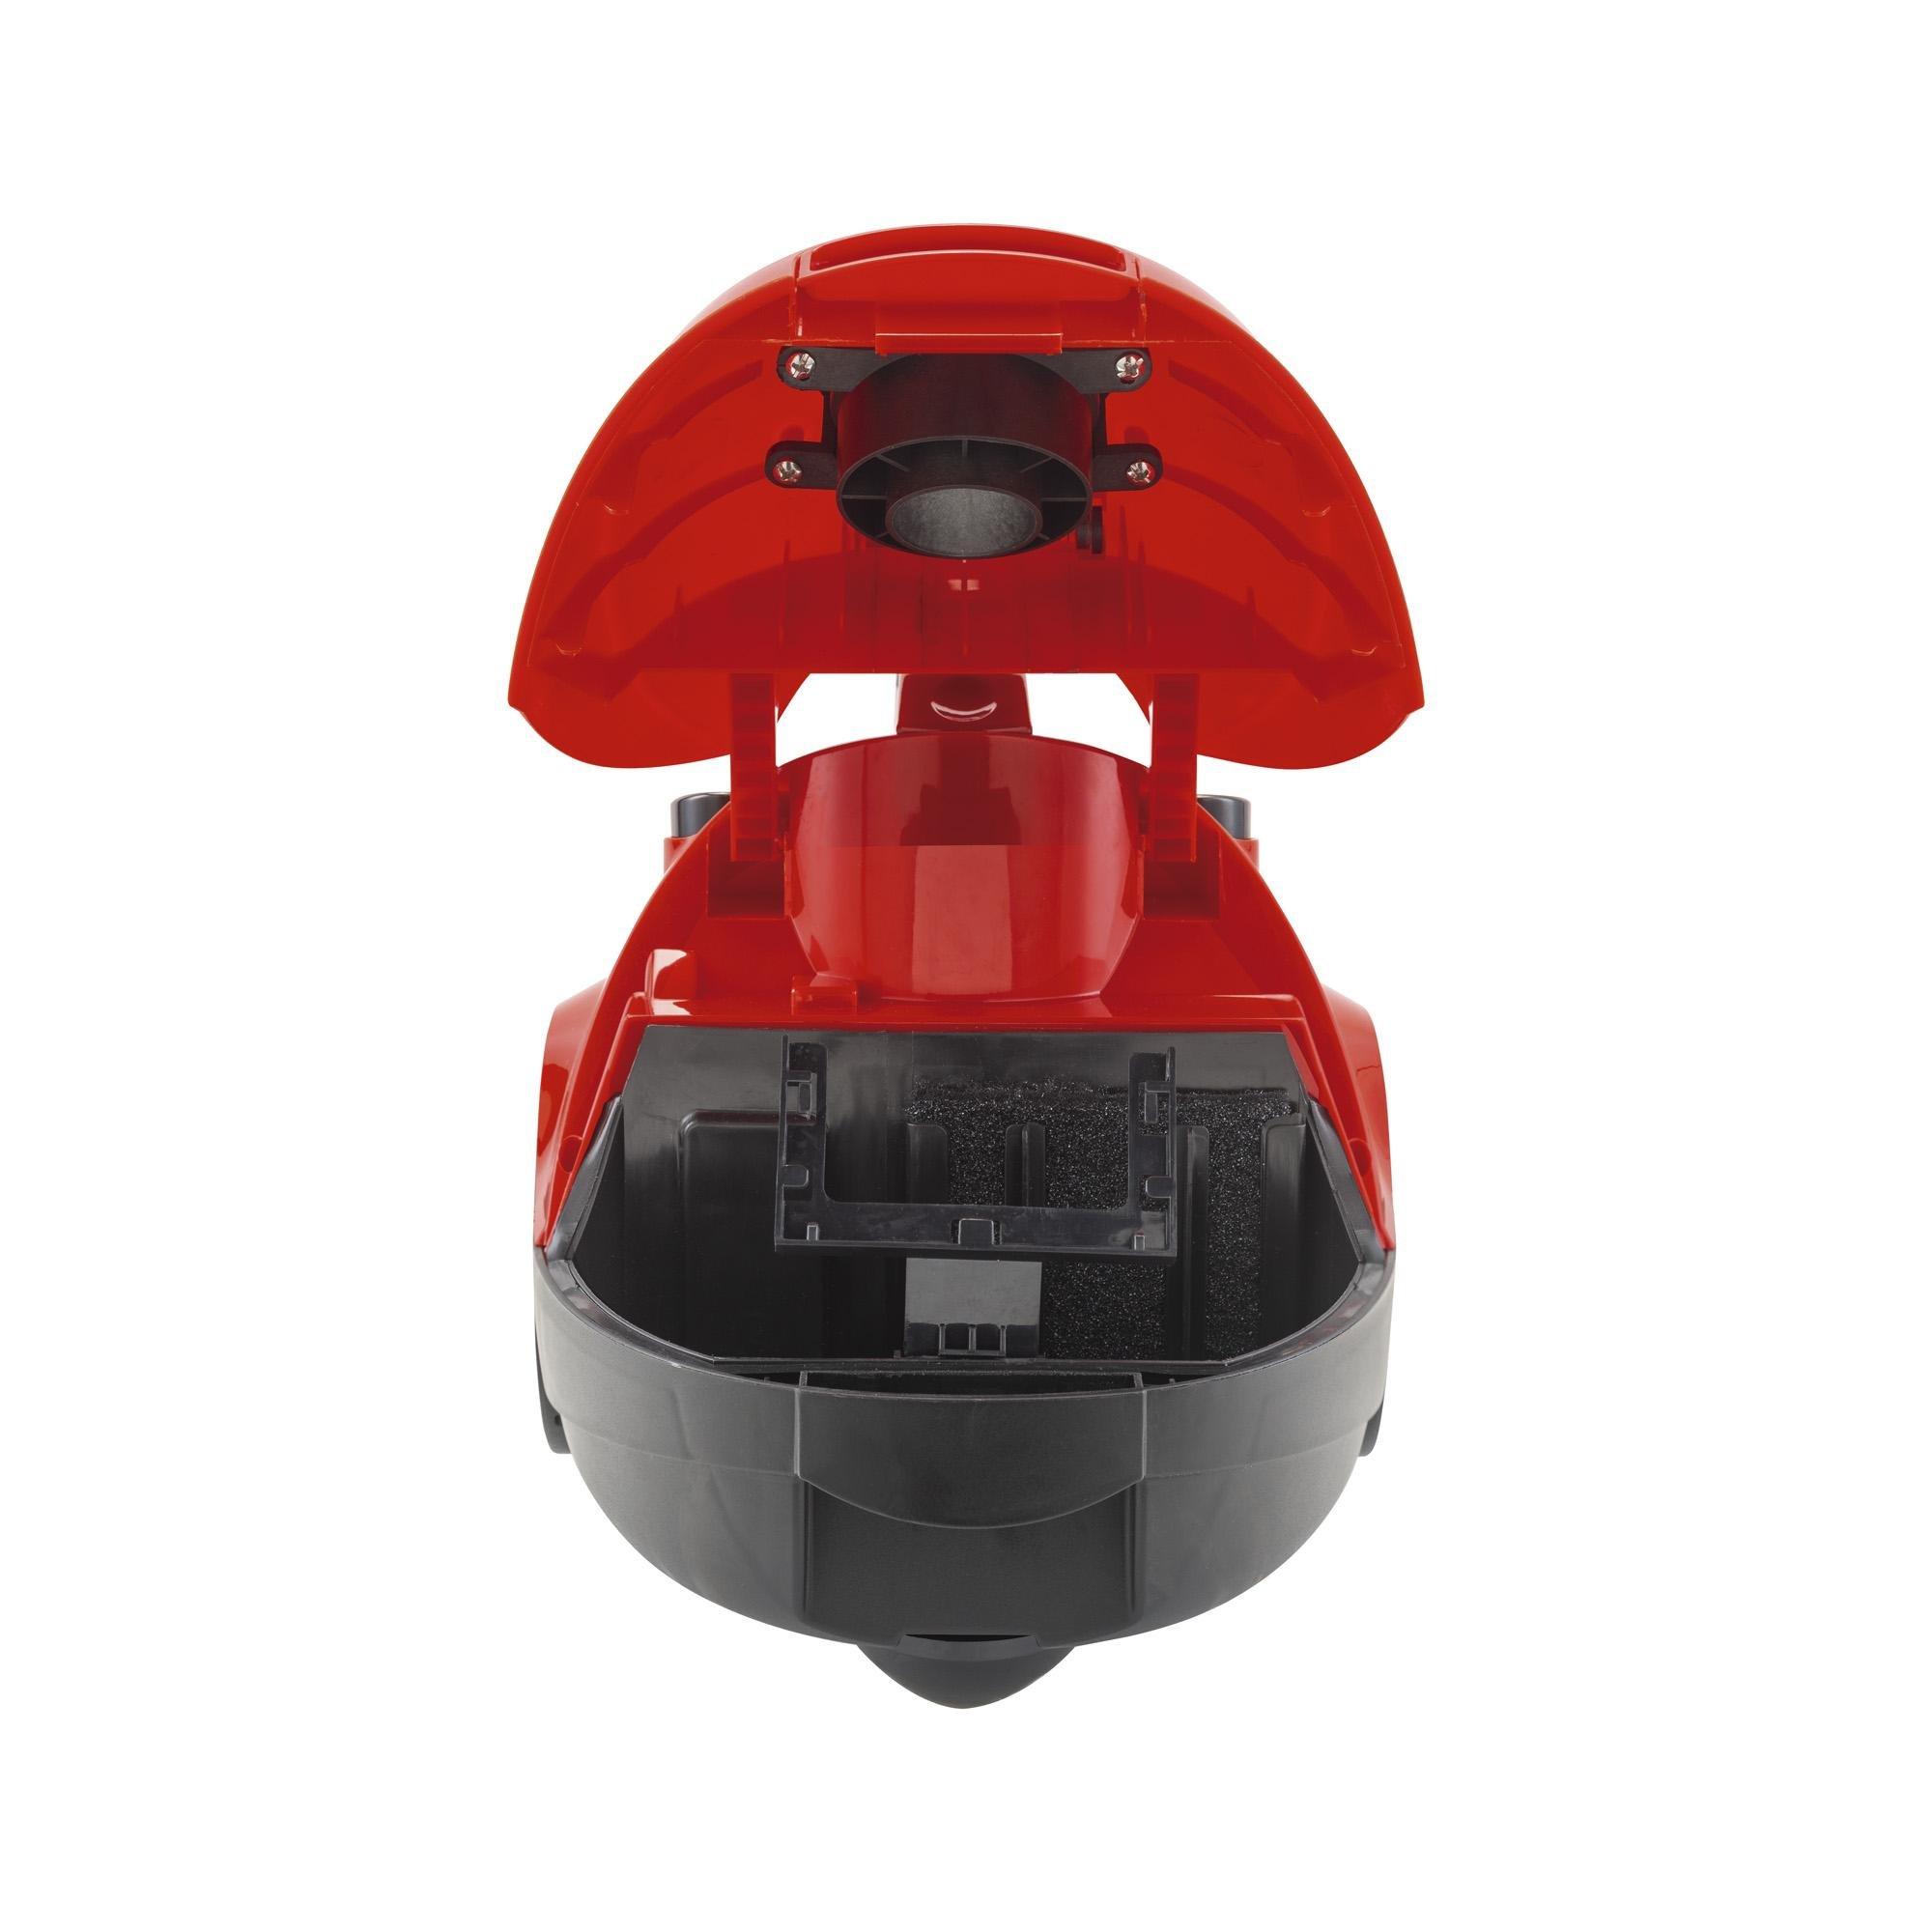 Aspirador de Pó 127V 1500W Praticci Vermelho AGRATTO